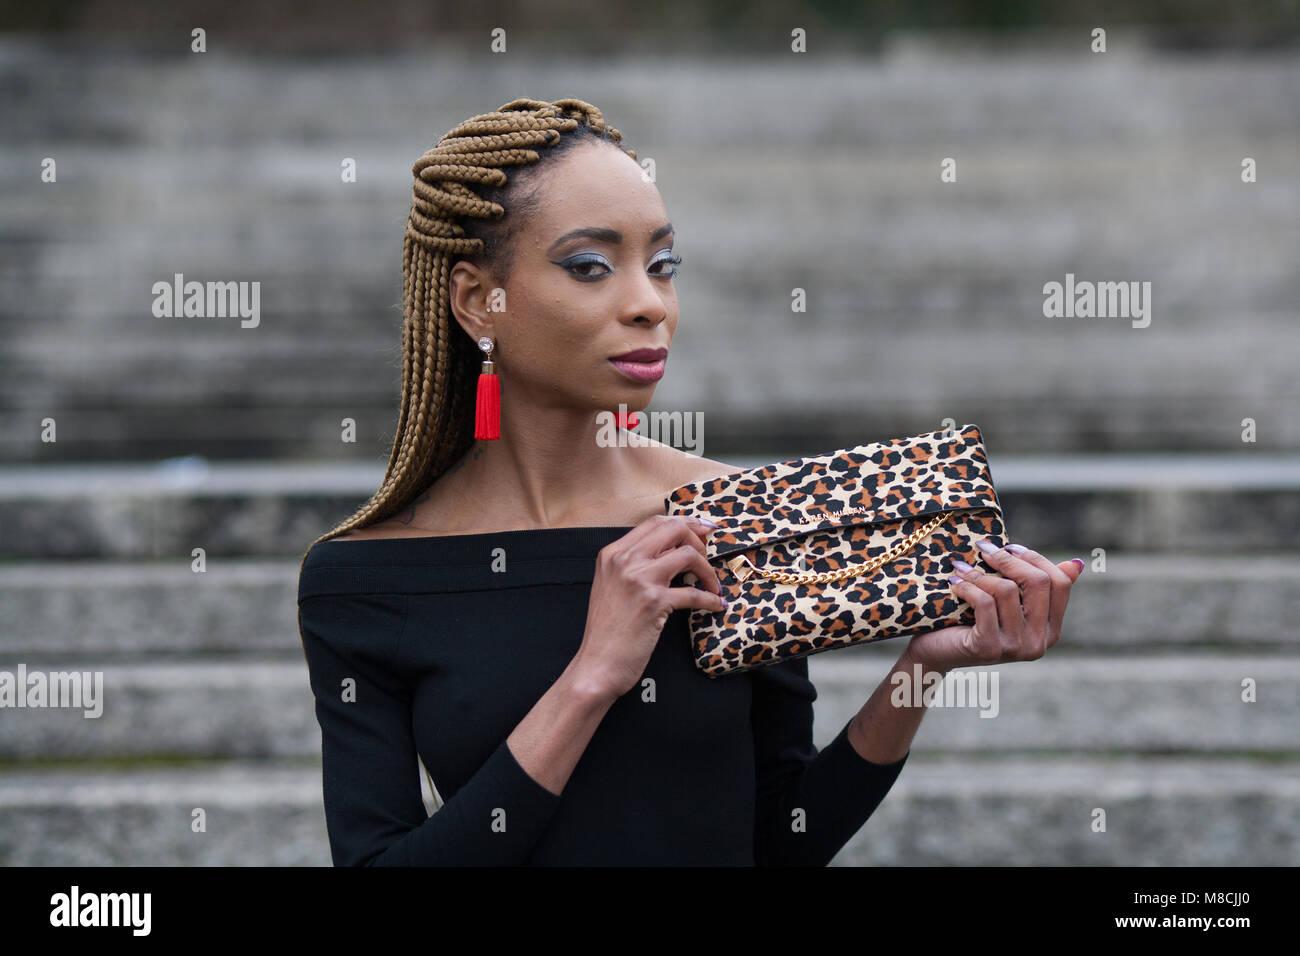 e11096e2e7 Woman Leopard Clothes Stock Photos   Woman Leopard Clothes Stock ...